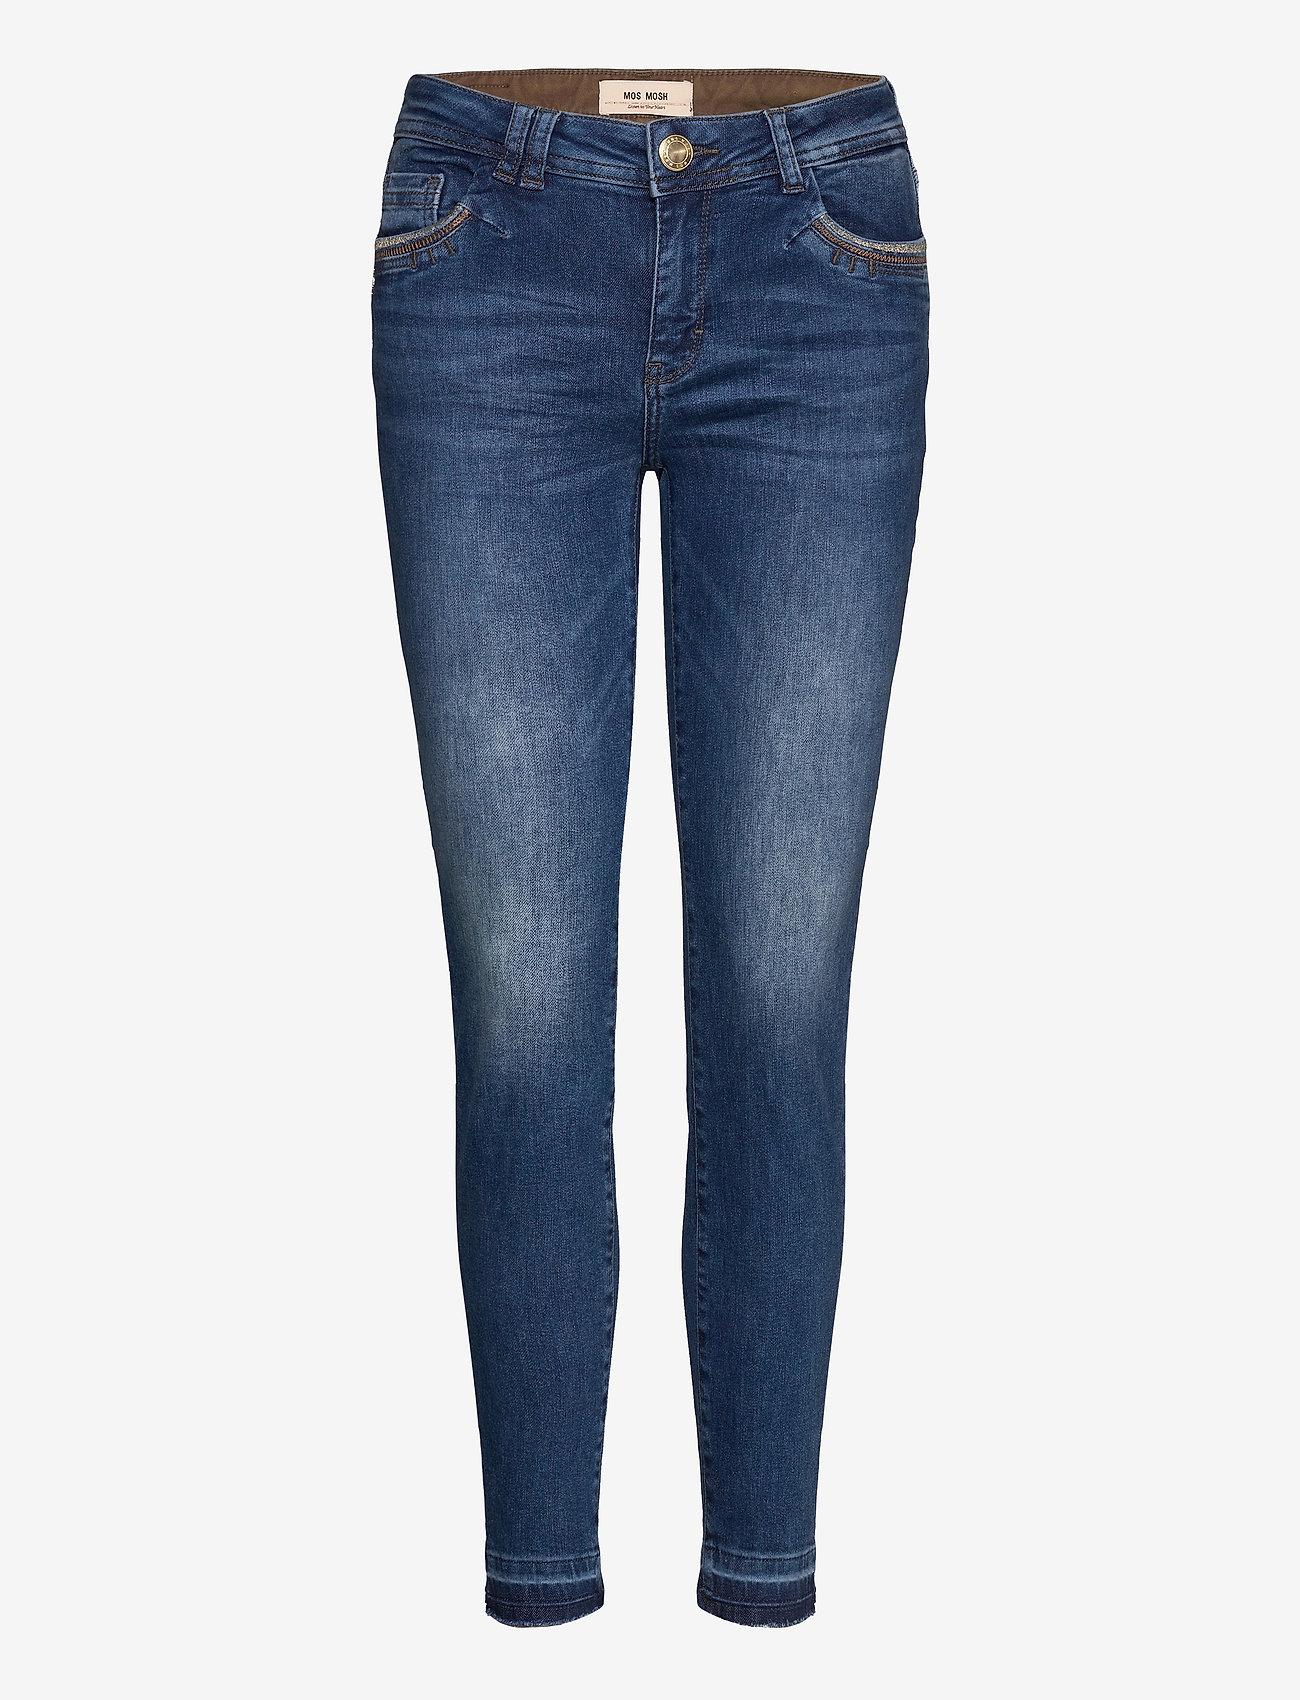 MOS MOSH - Sumner Jewel Jeans - wąskie dżinsy - blue - 0